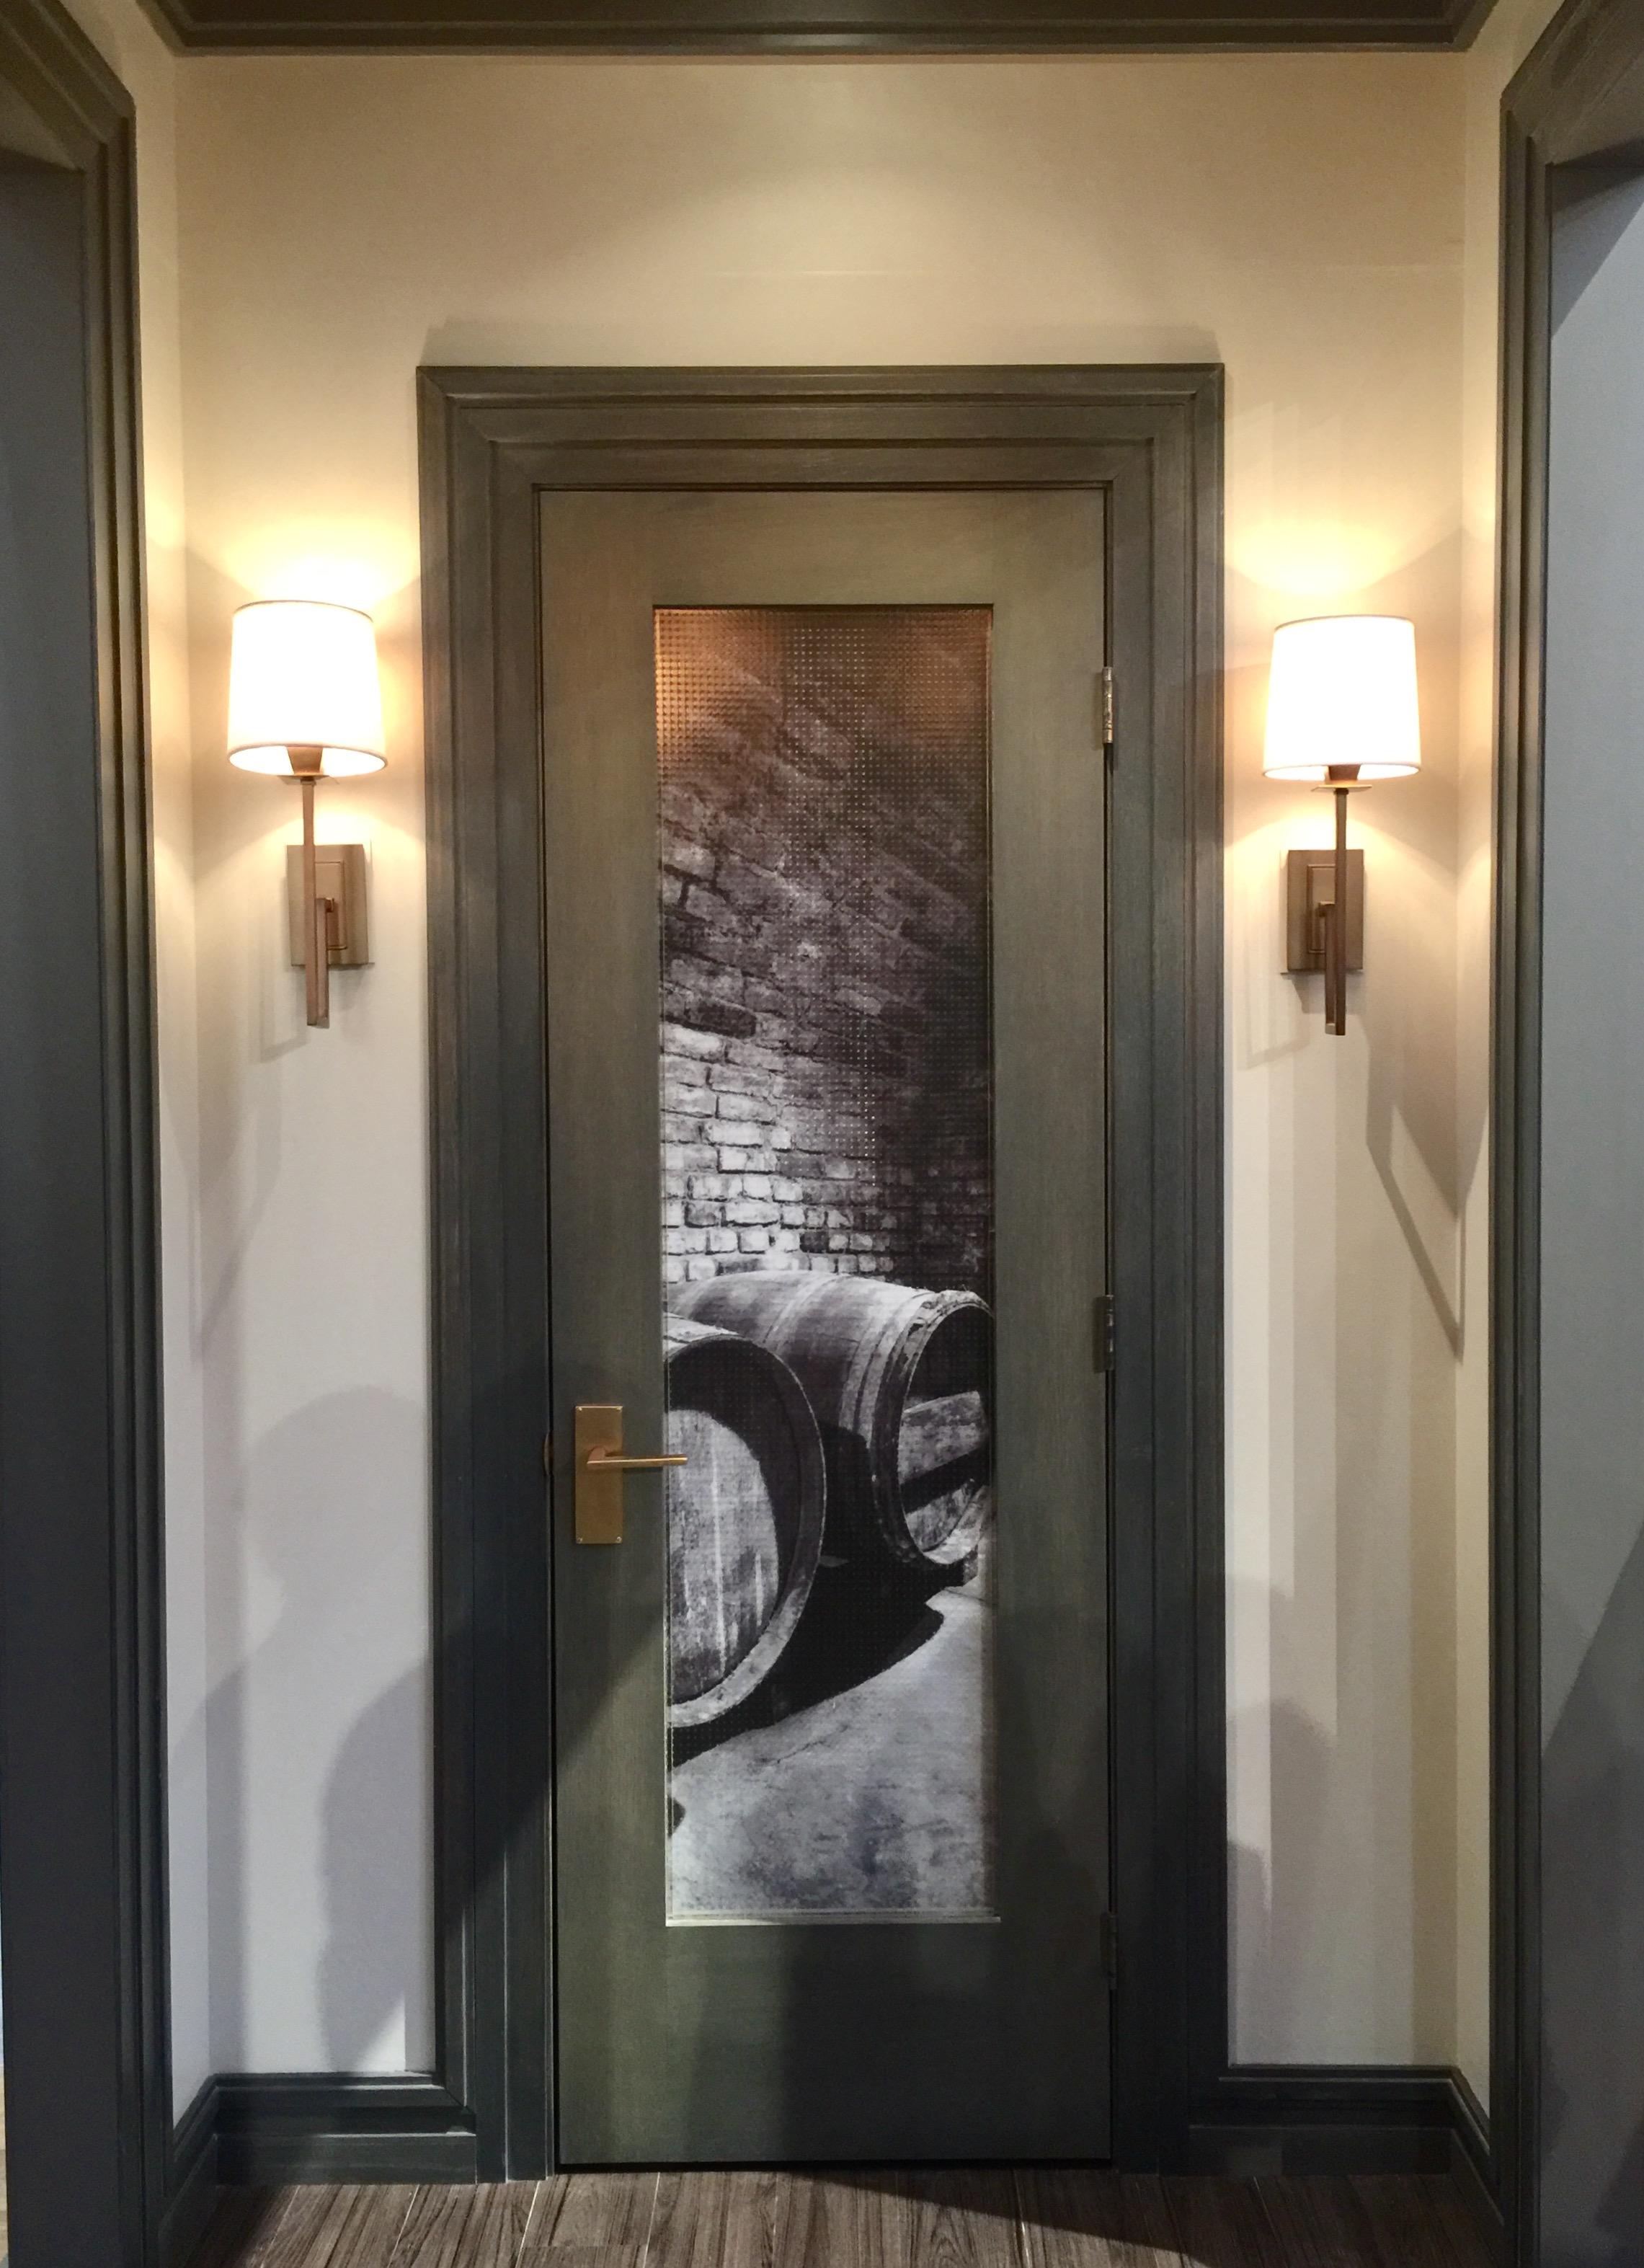 Metrie has a nice selection of beautiful doors. This craftsman style looks great in the wine room. #craftsmanstyle #wineroom #mouldings #interiordesigntips